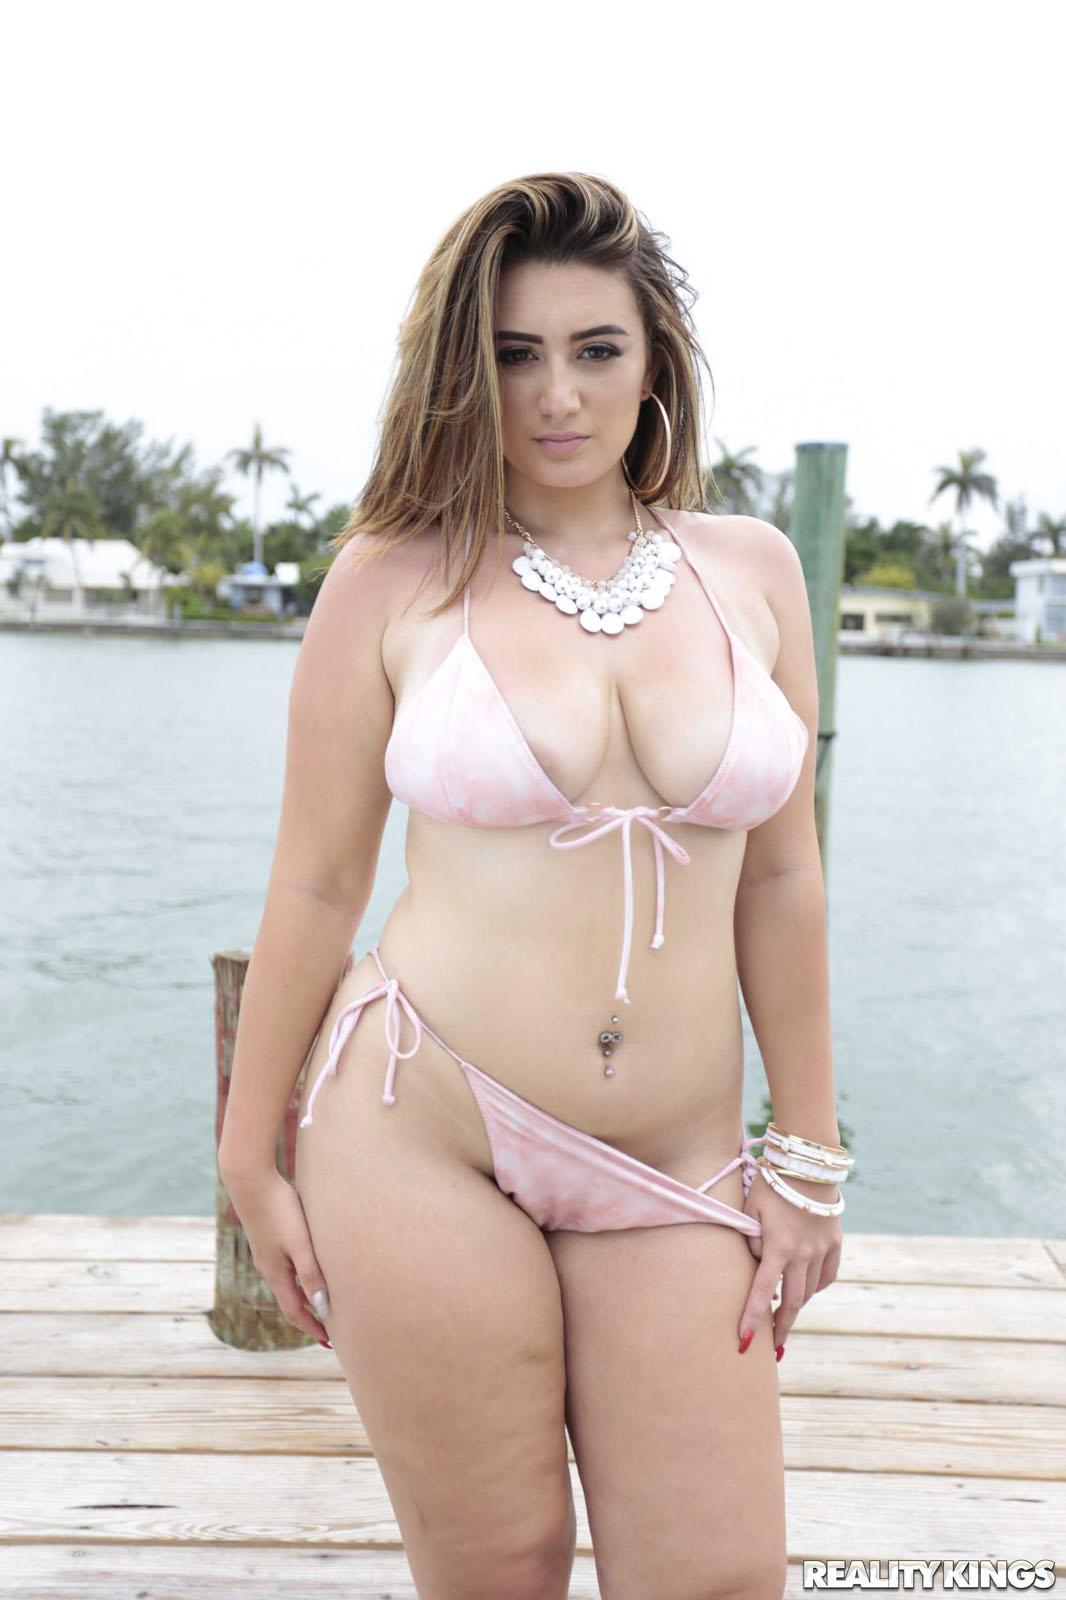 Britt james atk Britt James Big Bouncy Tits Prime Curves